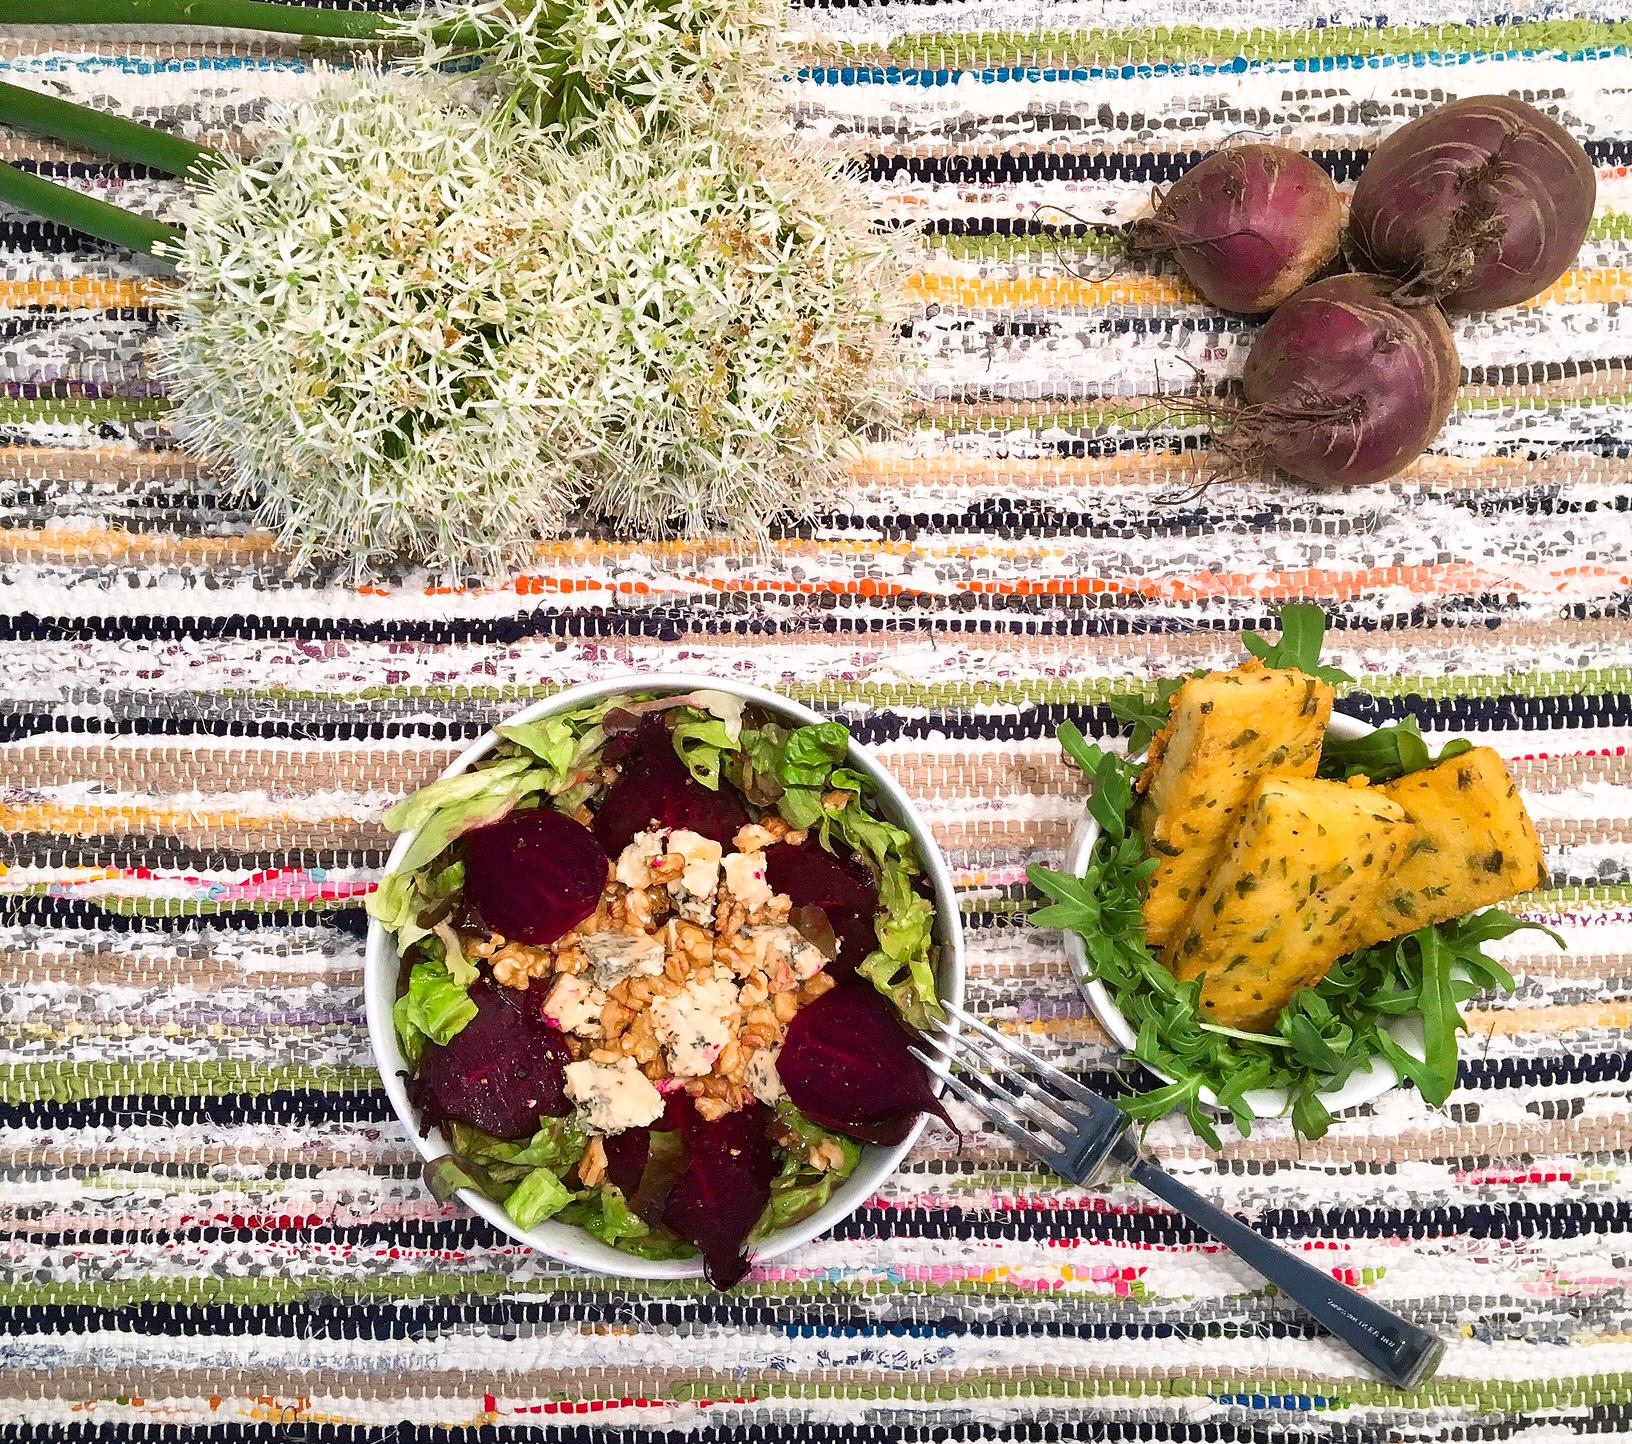 Salade de jeunes betteraves rôties au bleu et aux noix, bâtonnets de polenta au persil